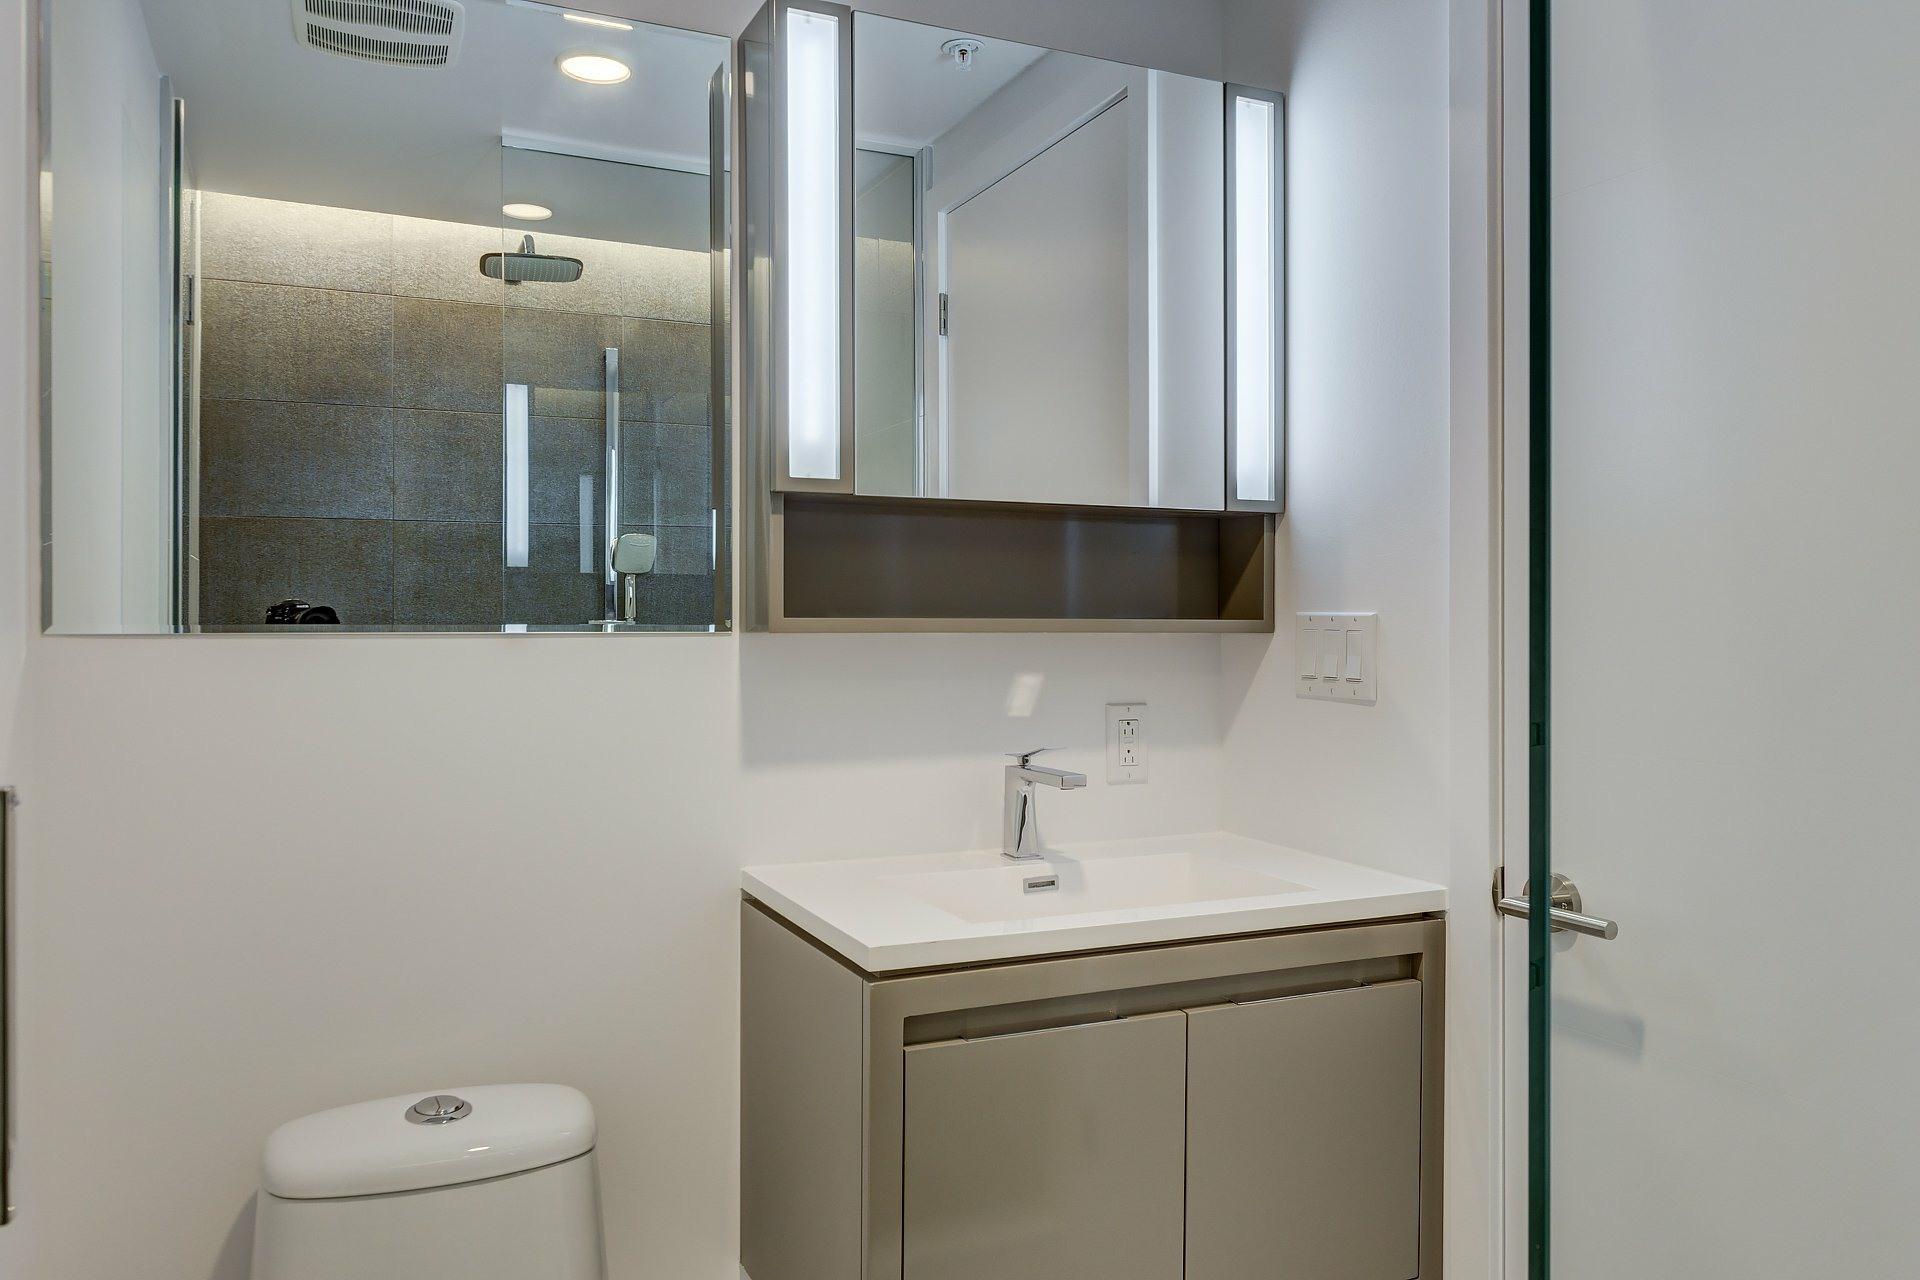 image 9 - Apartment For rent Montréal Ville-Marie  - 4 rooms